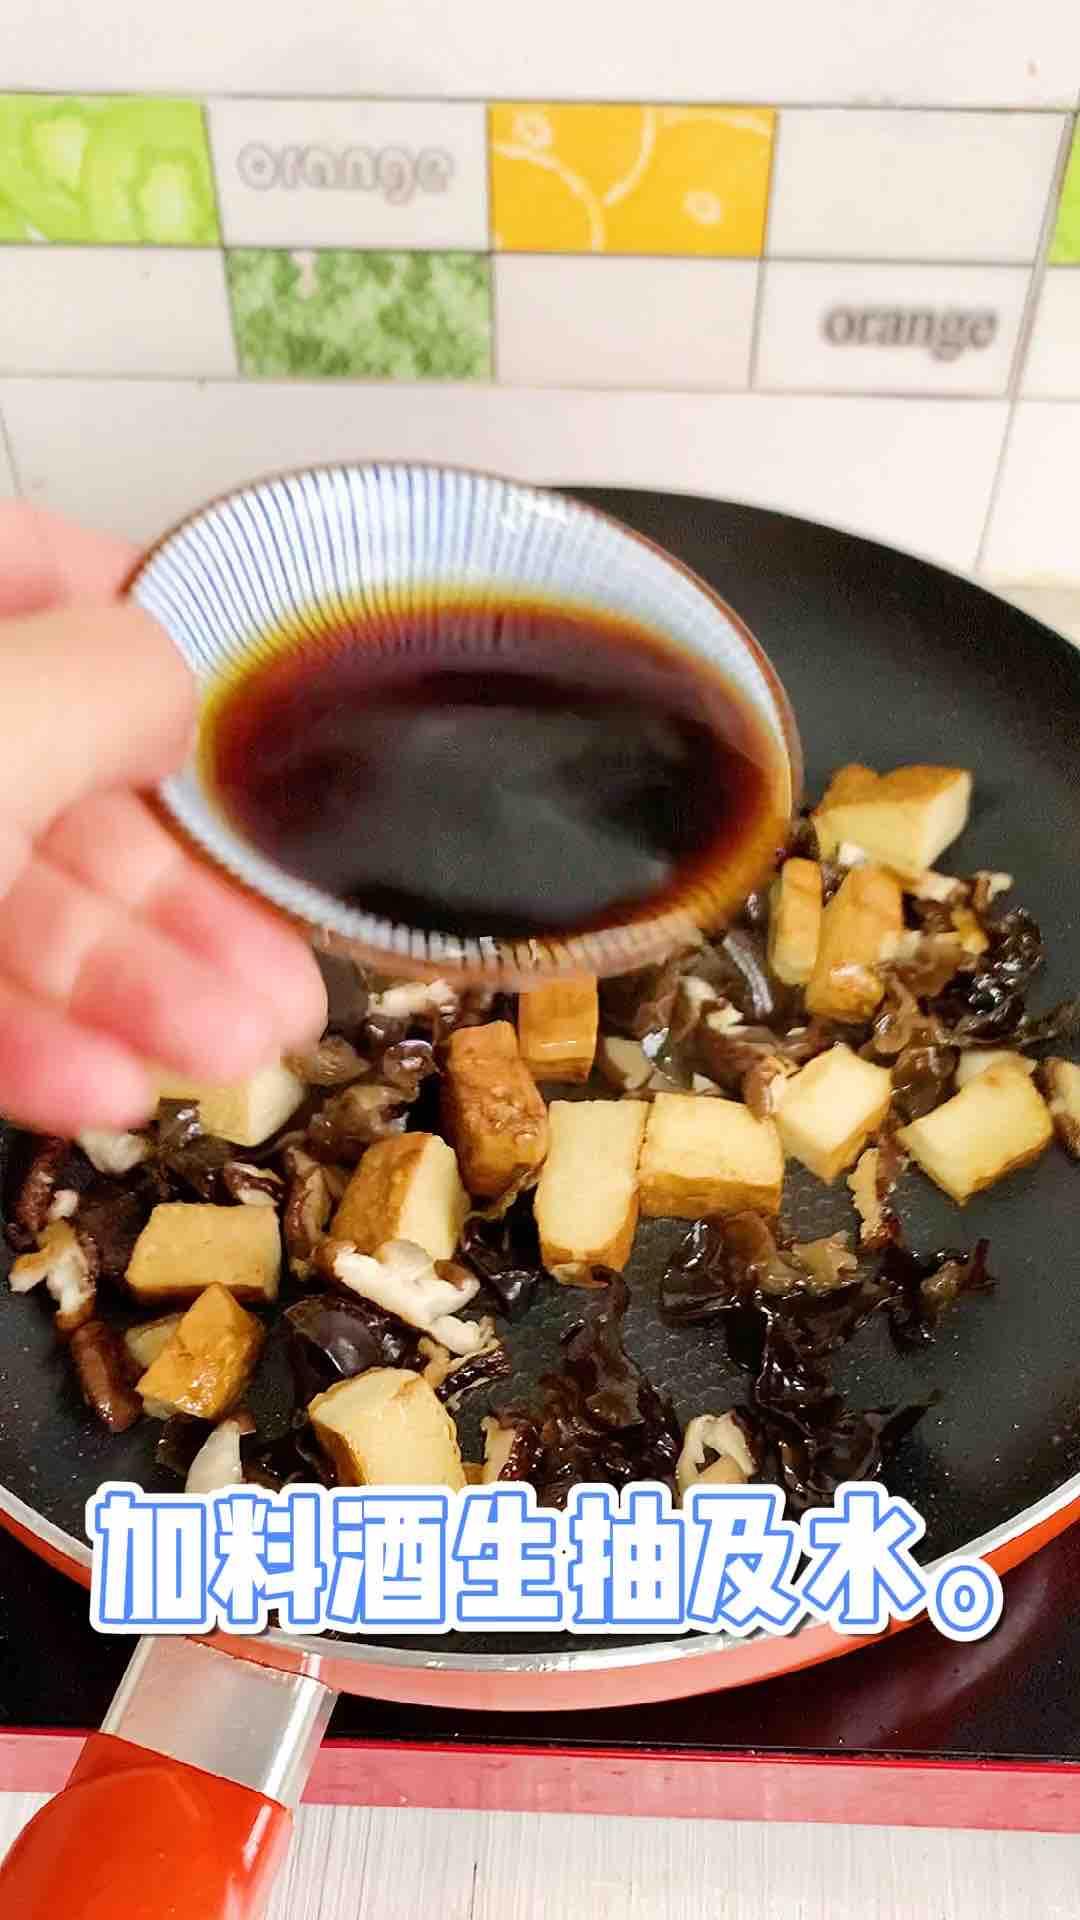 五香豆干炒木耳怎么吃